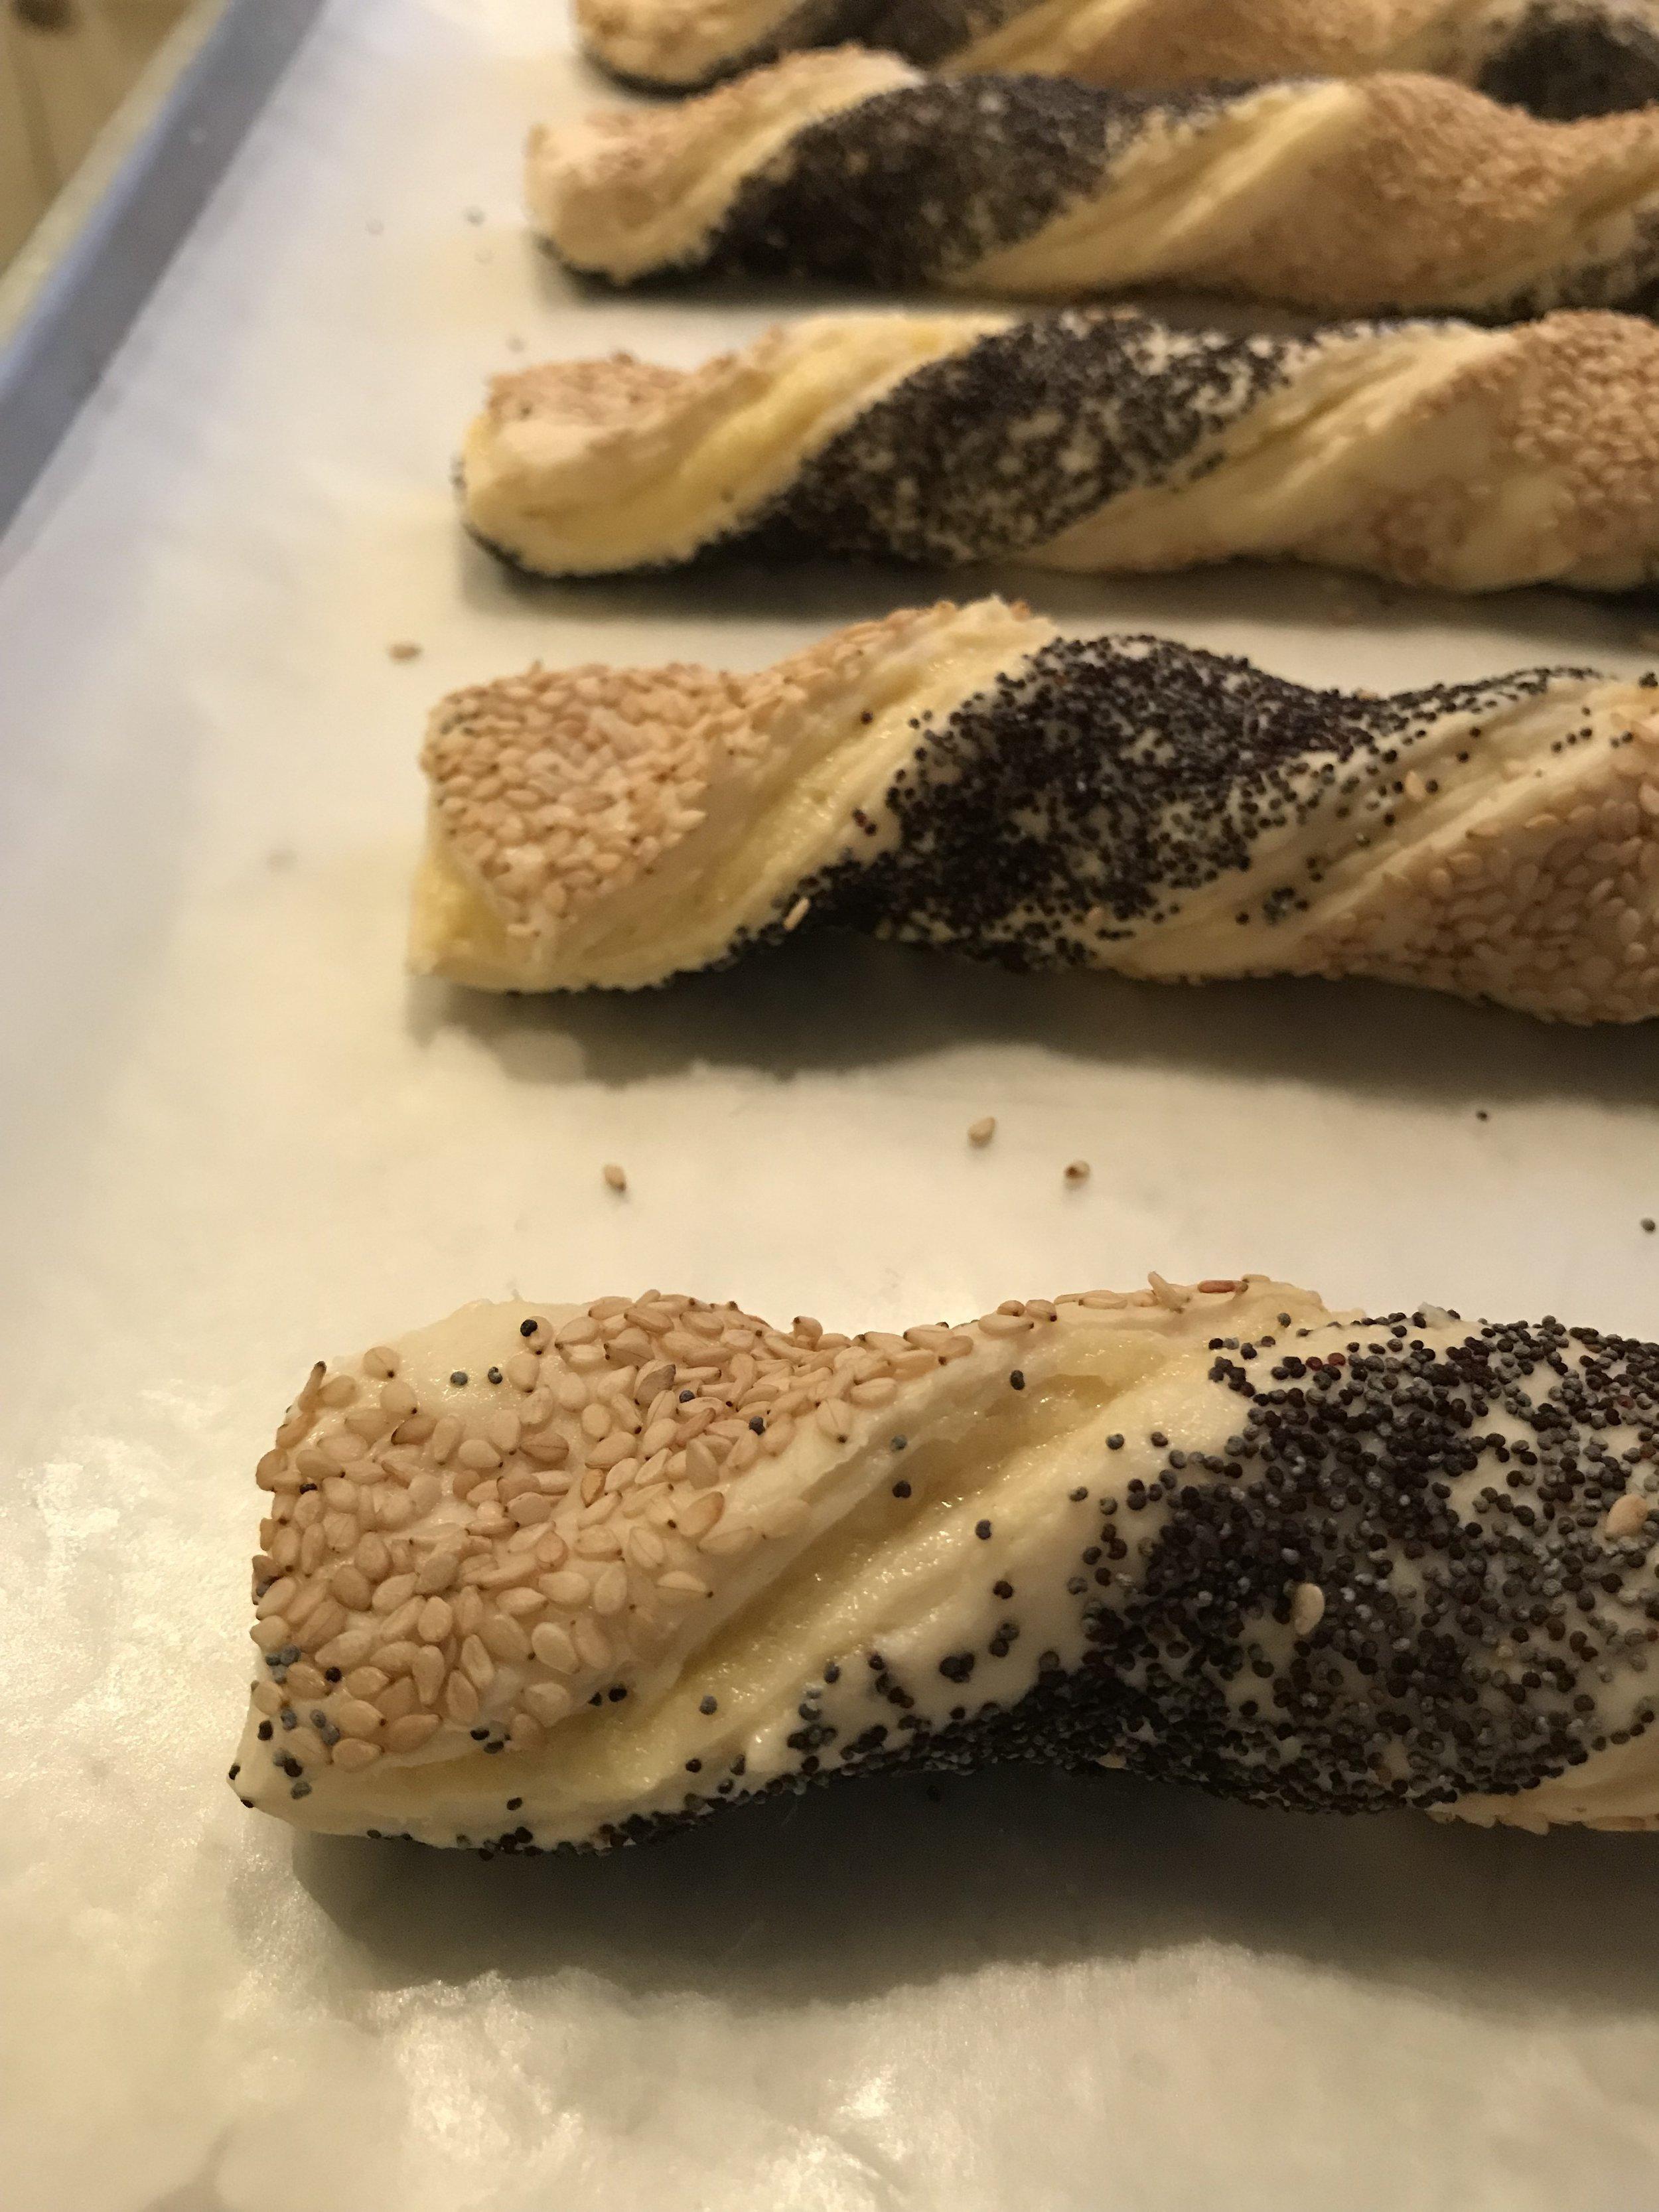 frøsnapper-danish-pastry-copenhagen-lagkaghuset